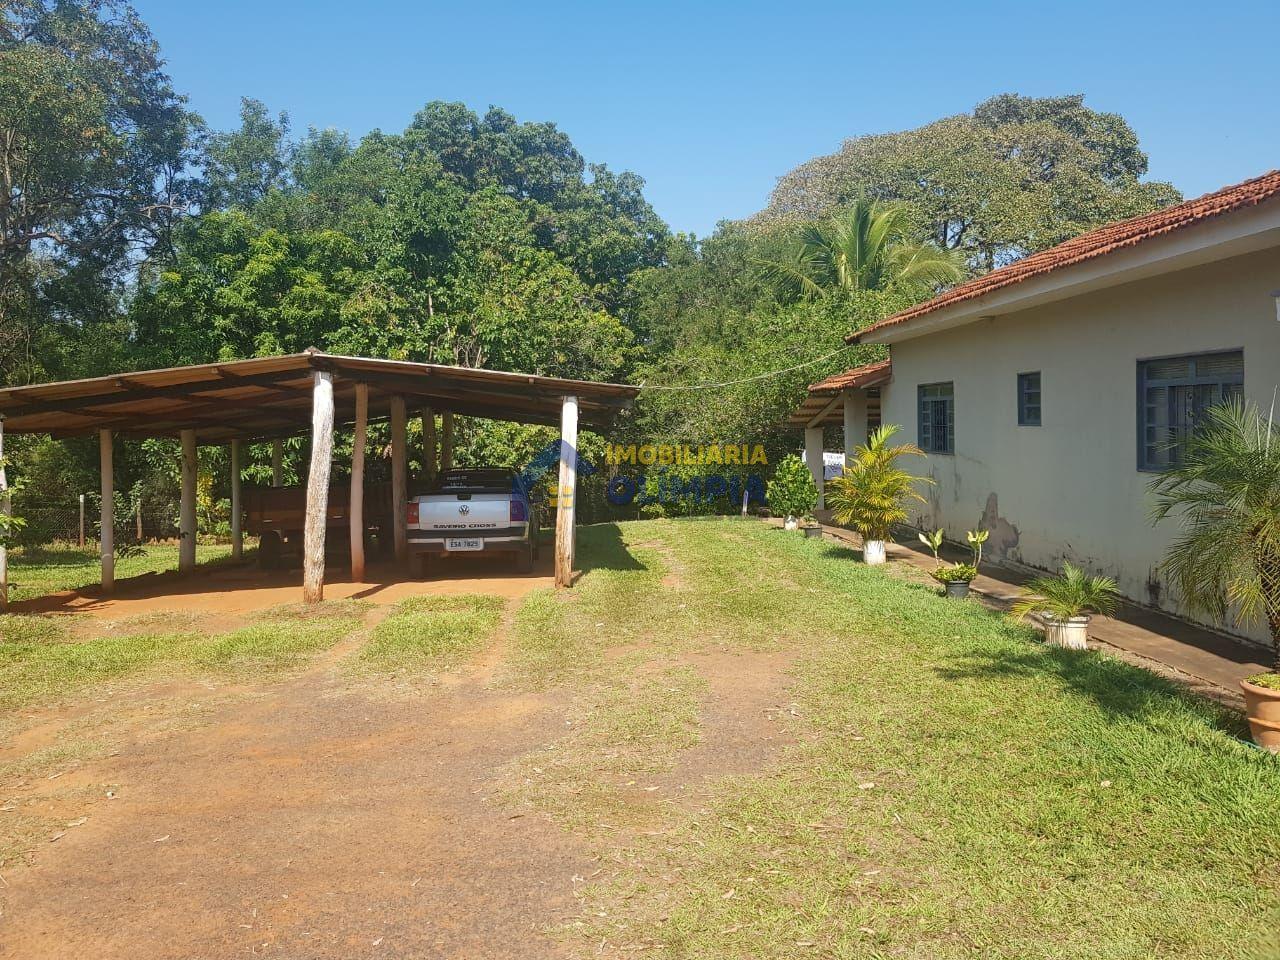 Fazenda/sítio/chácara/haras à venda  no Residencial Dionéia Aparecida Barbosa Berti (Baguaçu) - OlÍmpia, SP. Imóveis